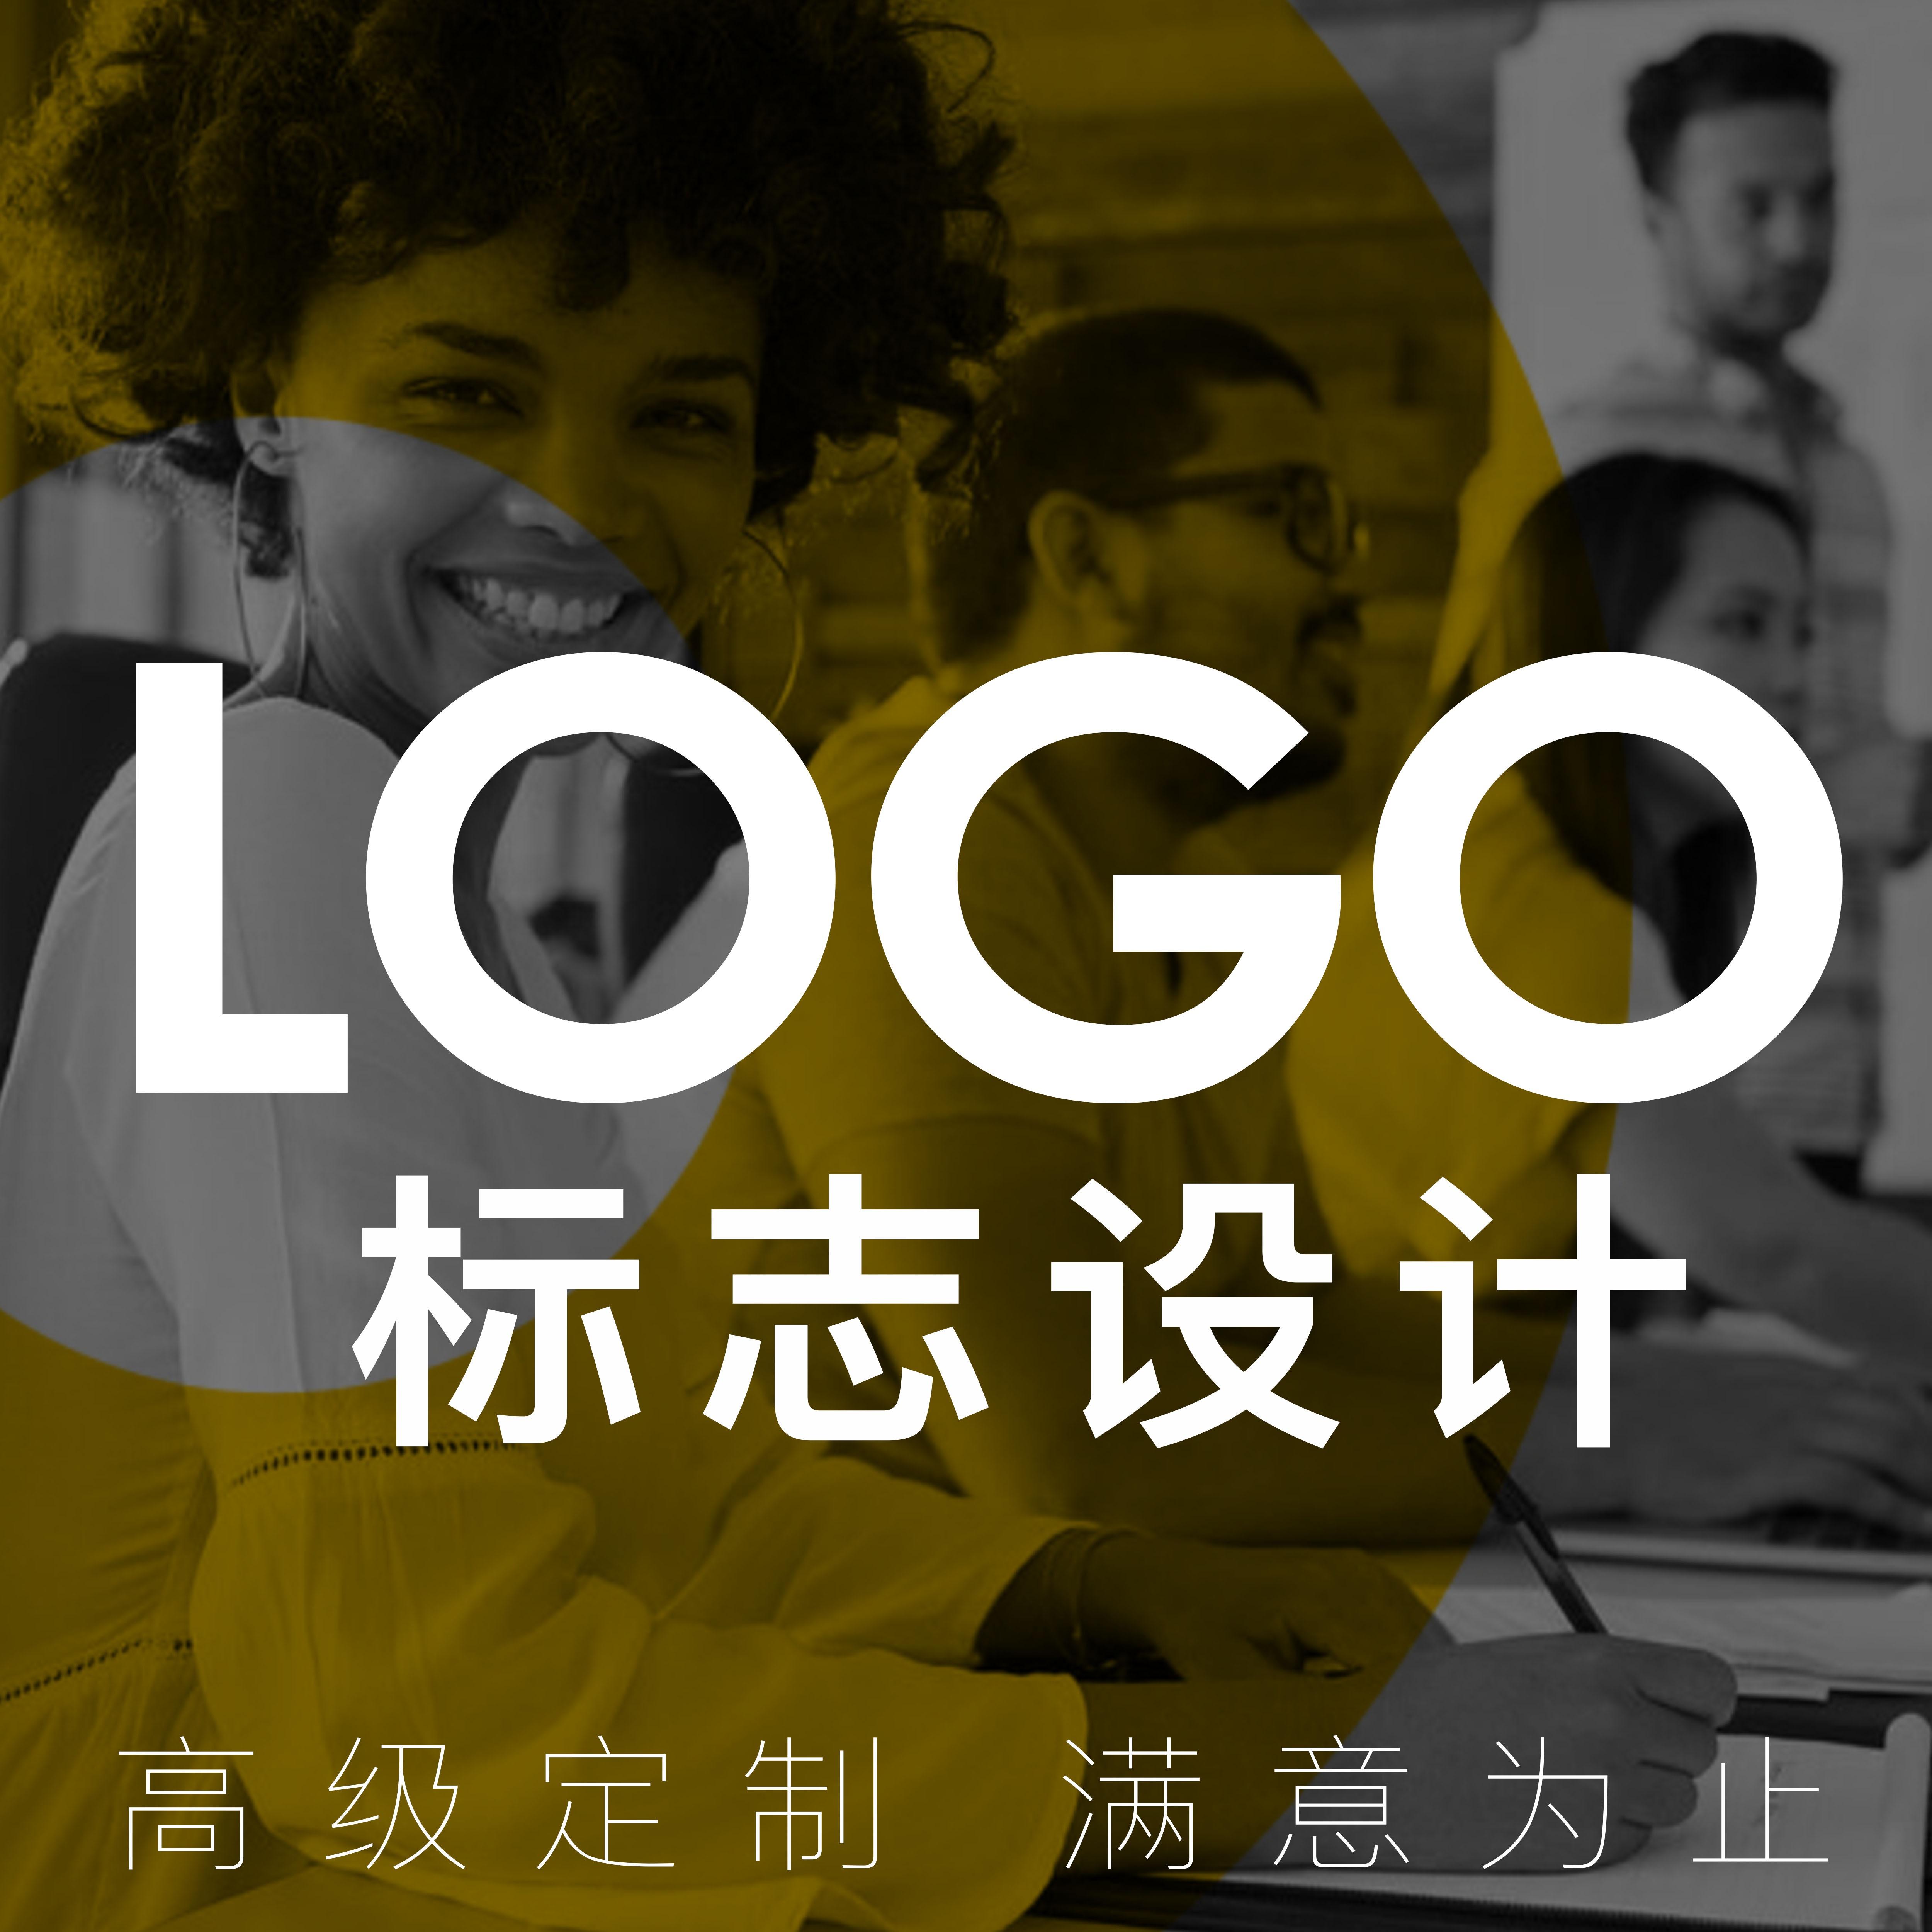 品牌科技公司餐饮门店食品产品 LOGO 设计商标标志 logo 设计